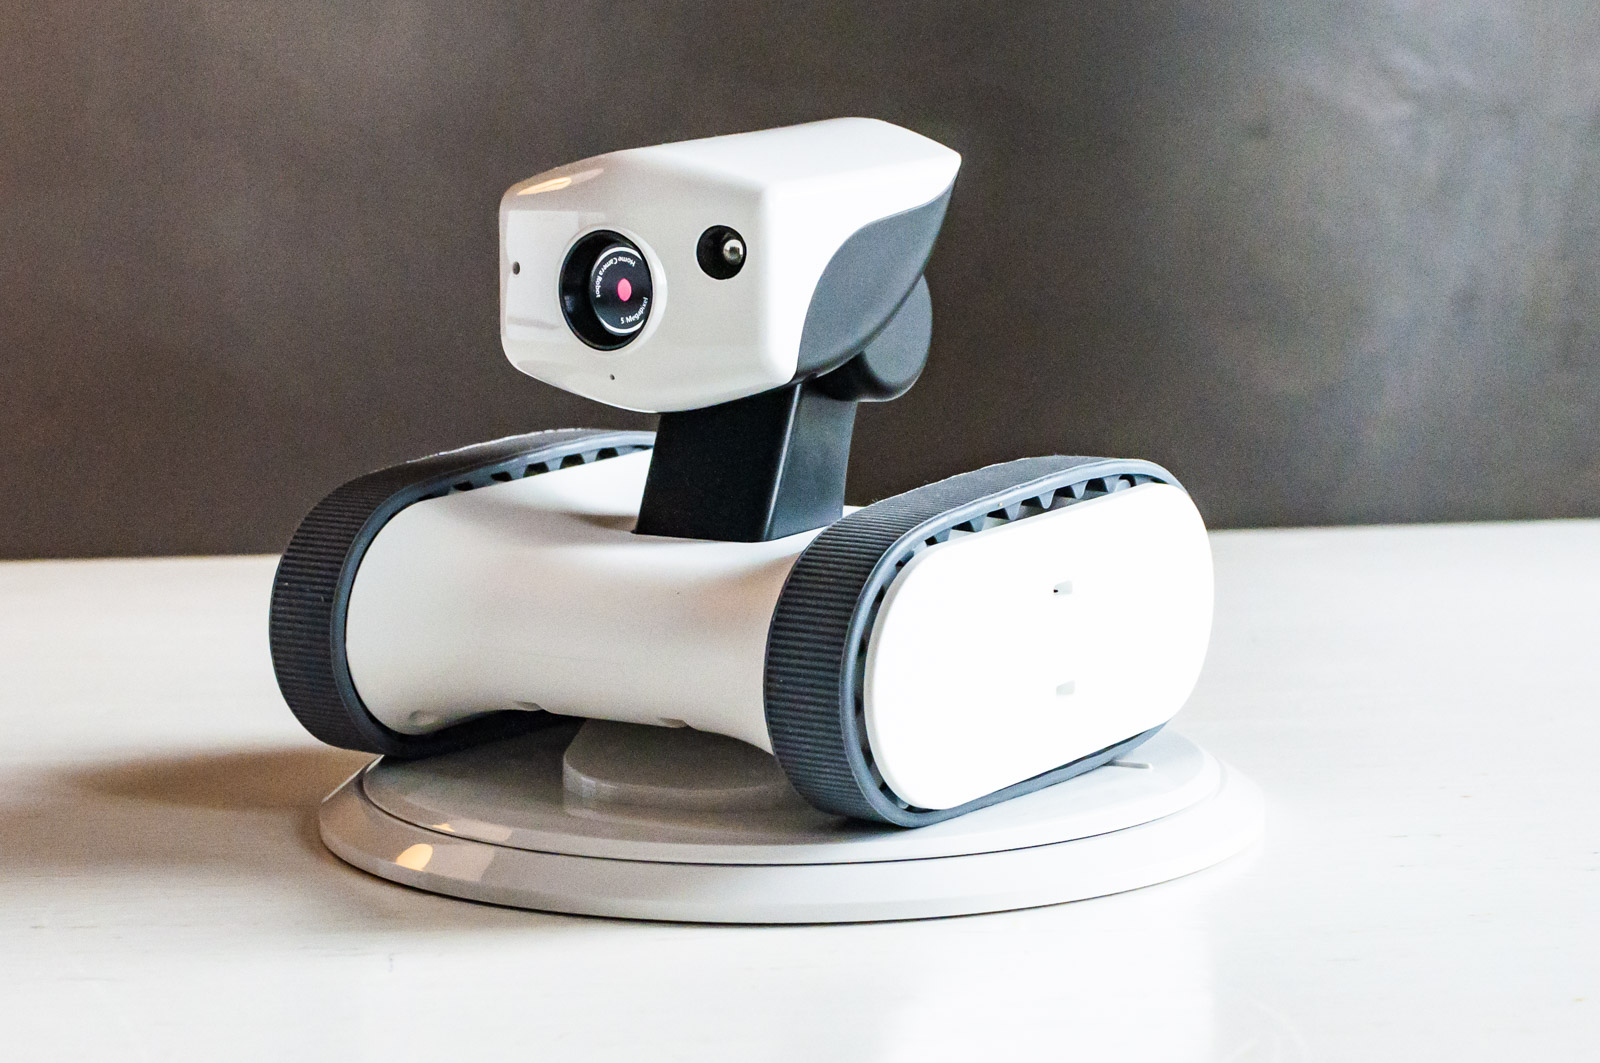 Recensione AppBot Riley, recensione del piccolo robot curioso di casa